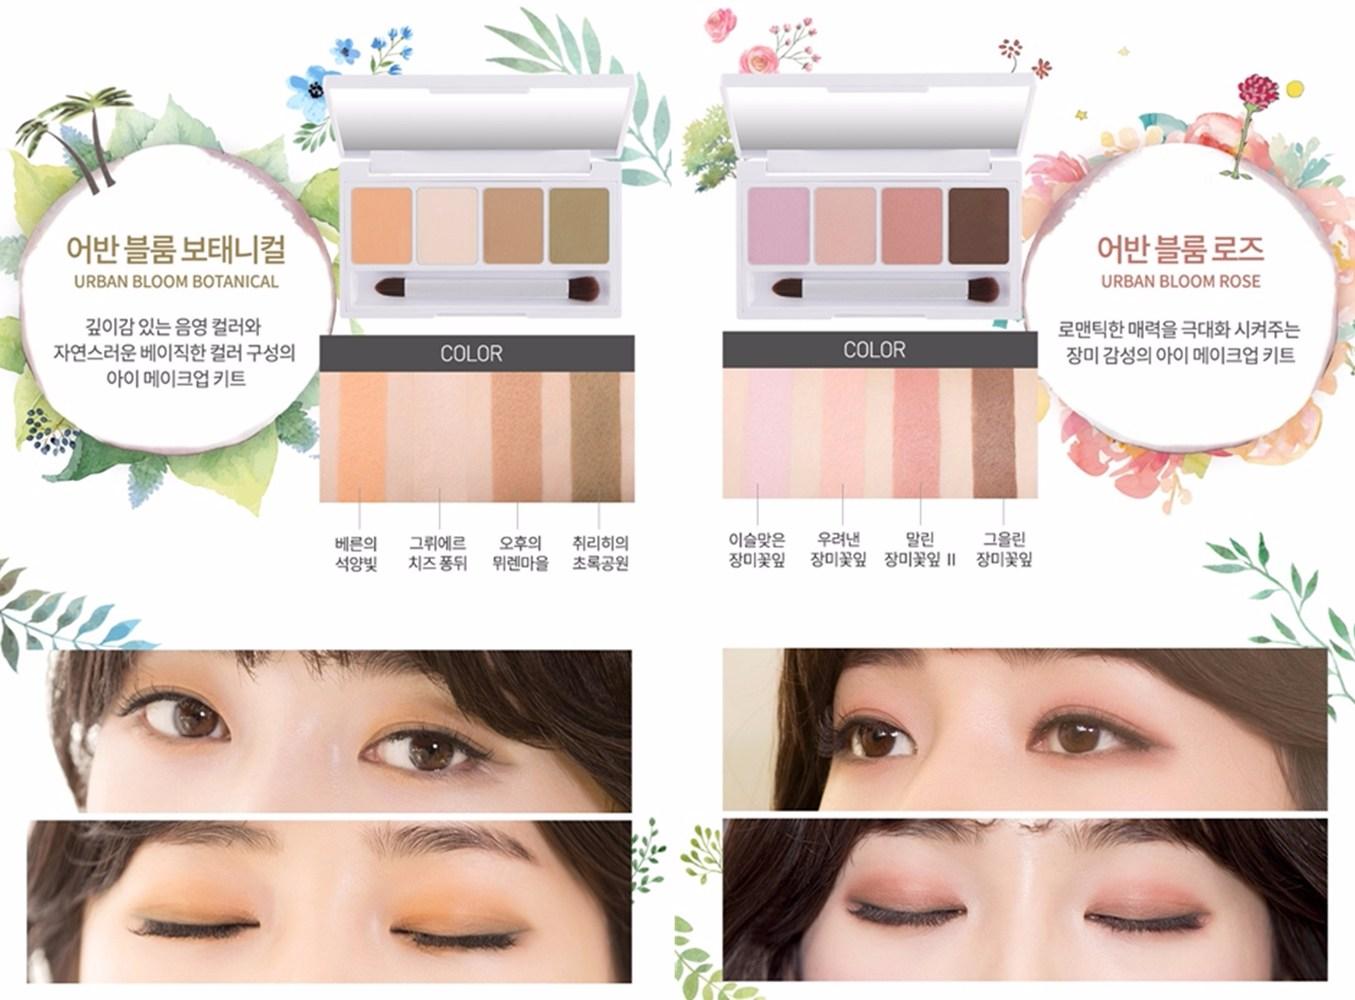 這款眼影有分粉橘、綠色,偽少女就覺得粉橘色超美的!!!